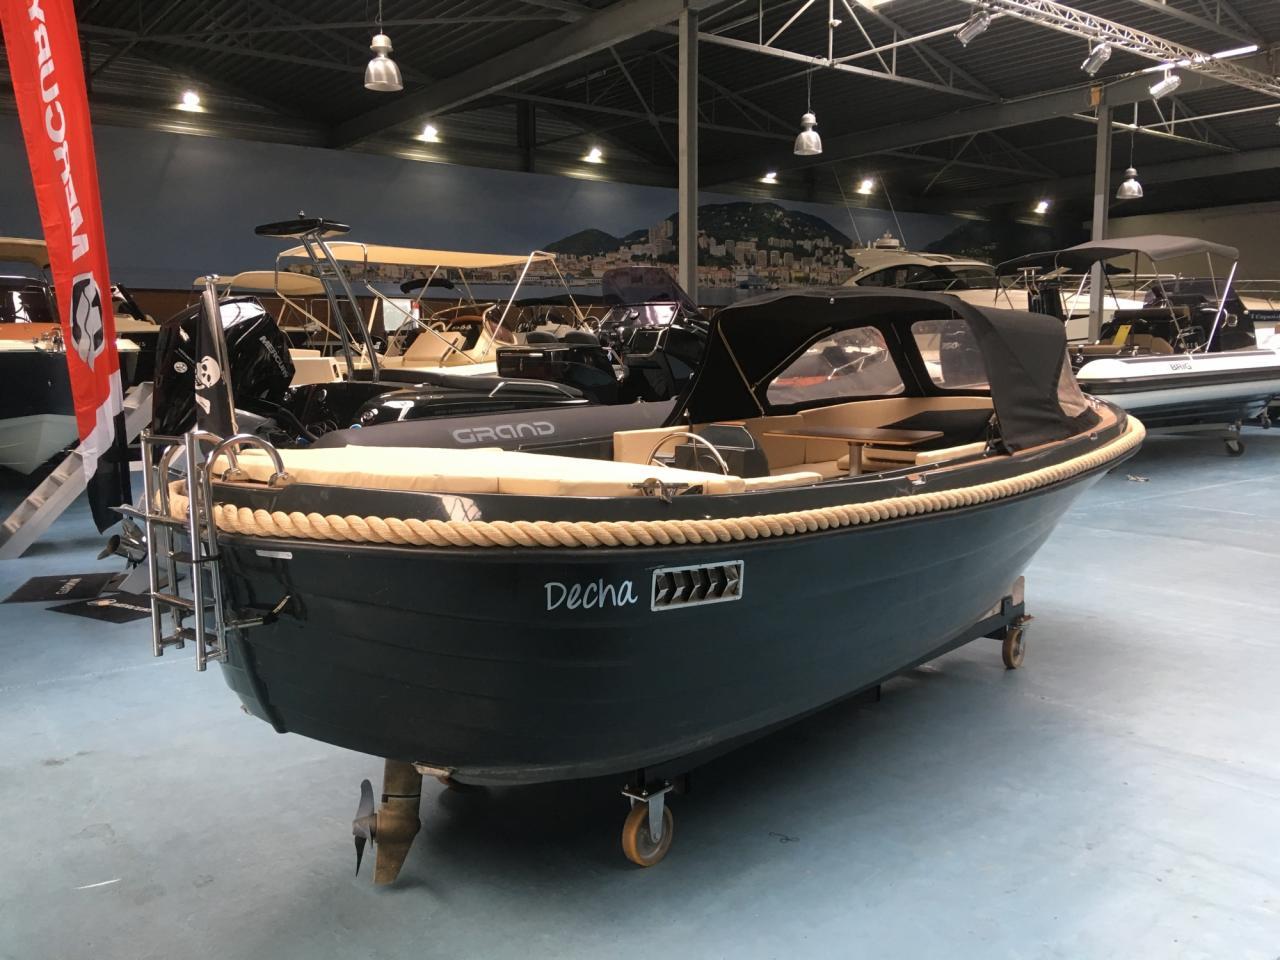 Anker 575 deluxe met Craftsman Navy 6.0 elektromotor 2